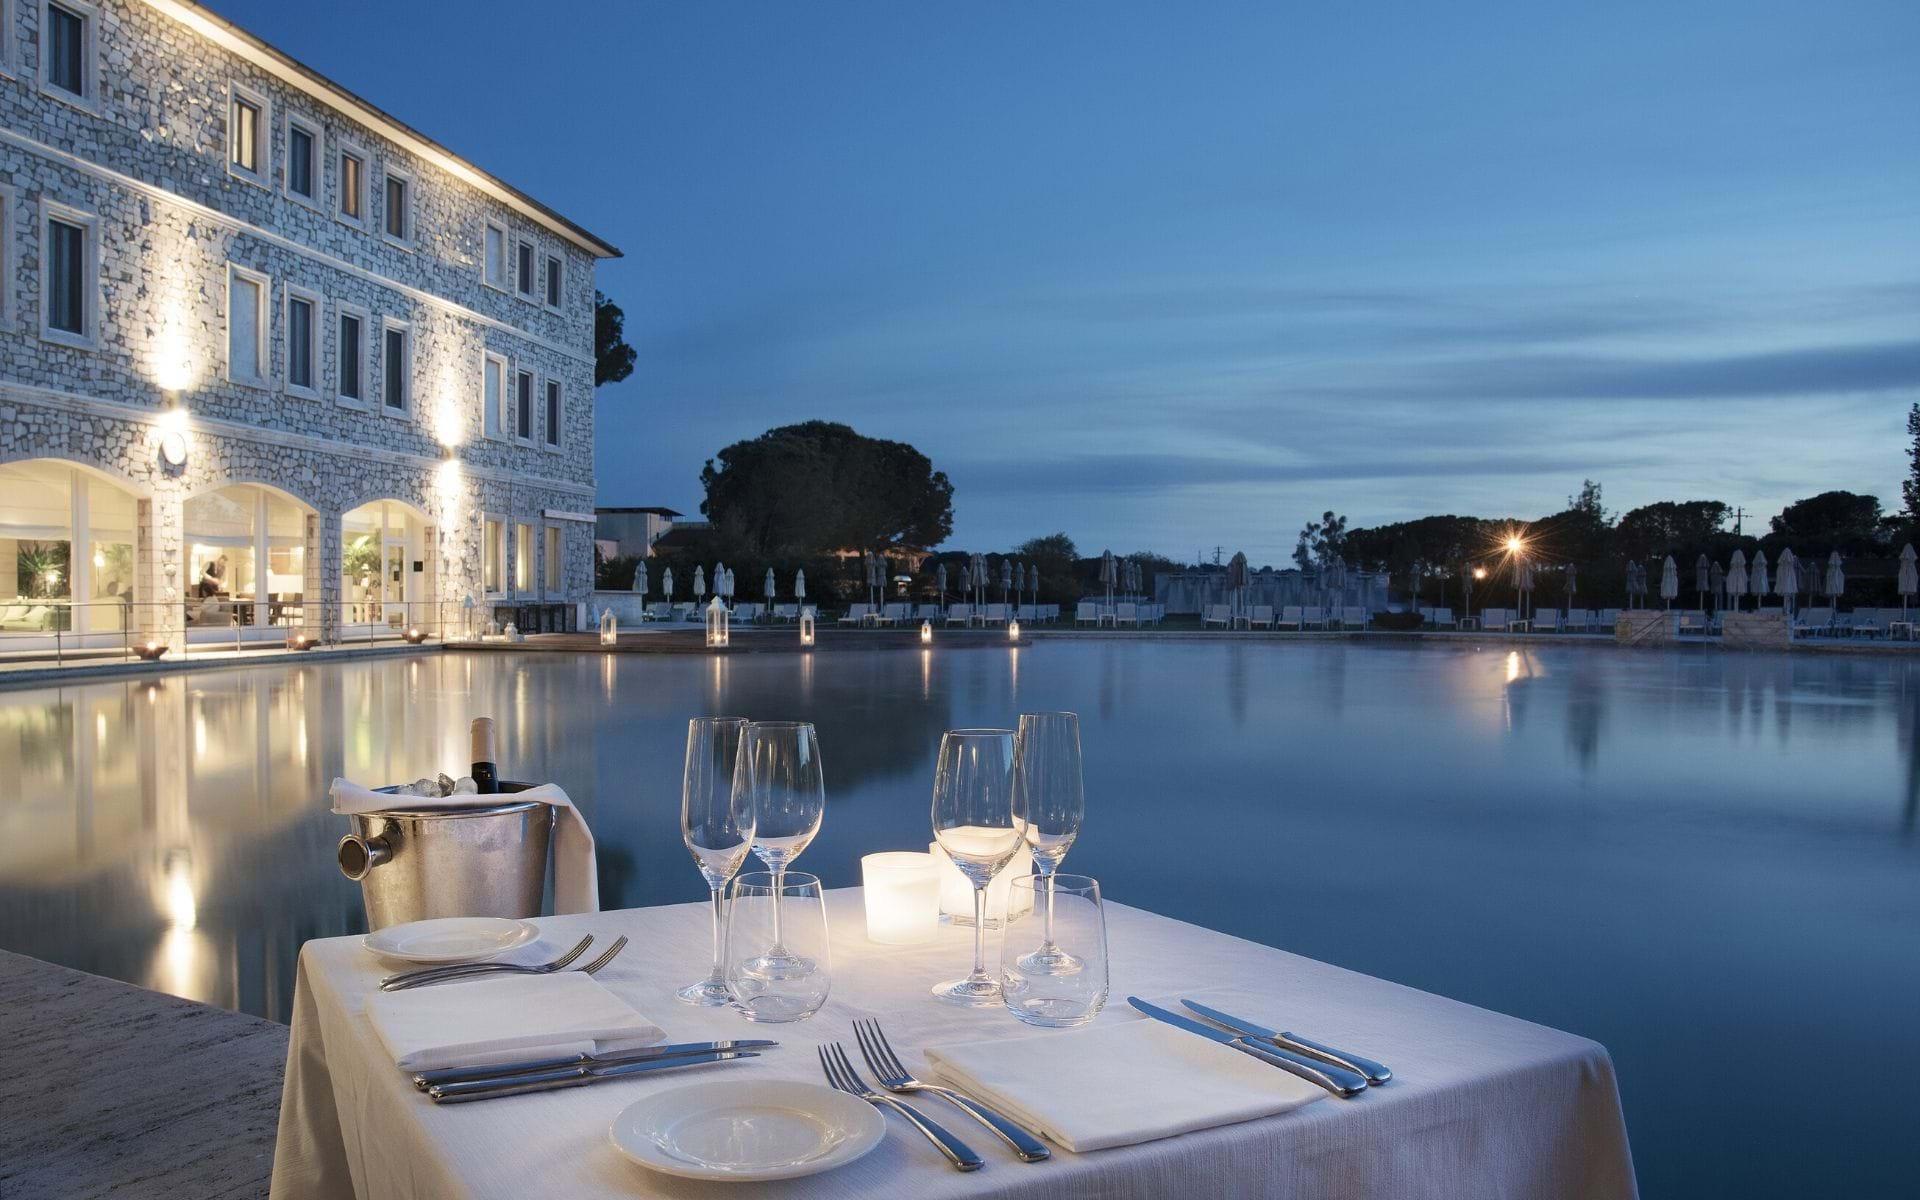 Luxury Hotel Terme Di Saturnia Spa & Golf Resort Saturnia